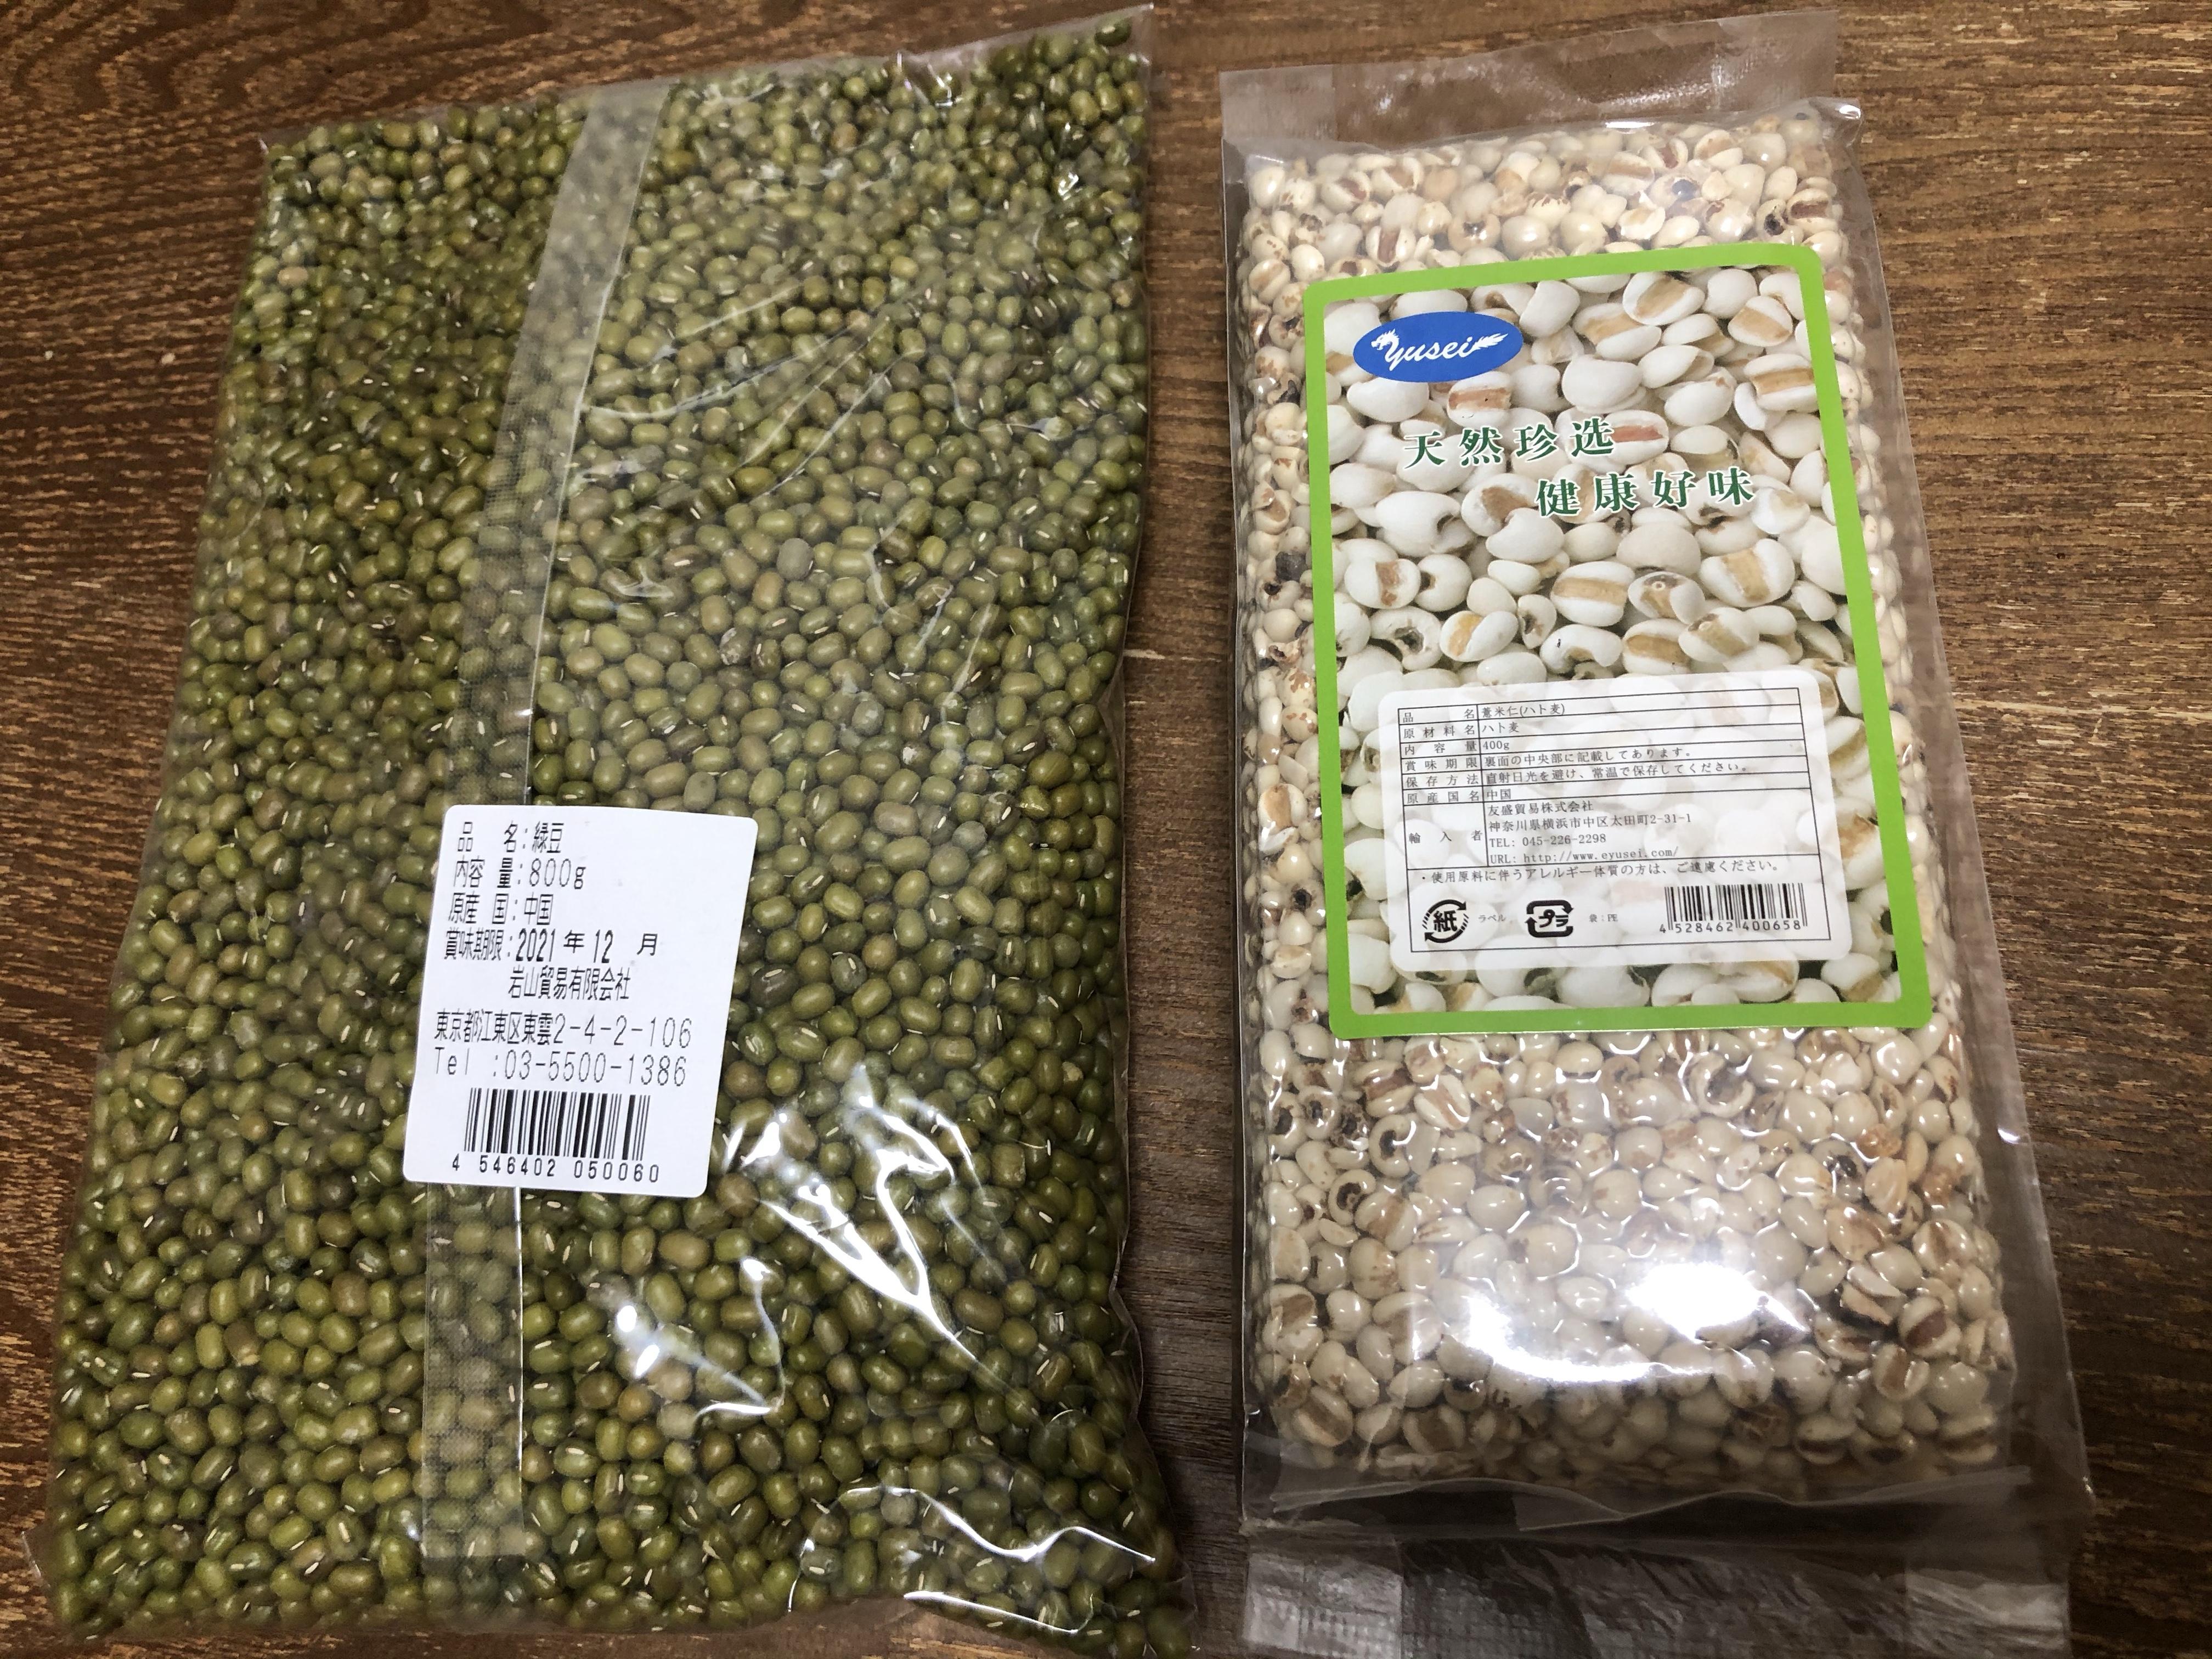 華僑服務社で購入した緑豆とハトムギ